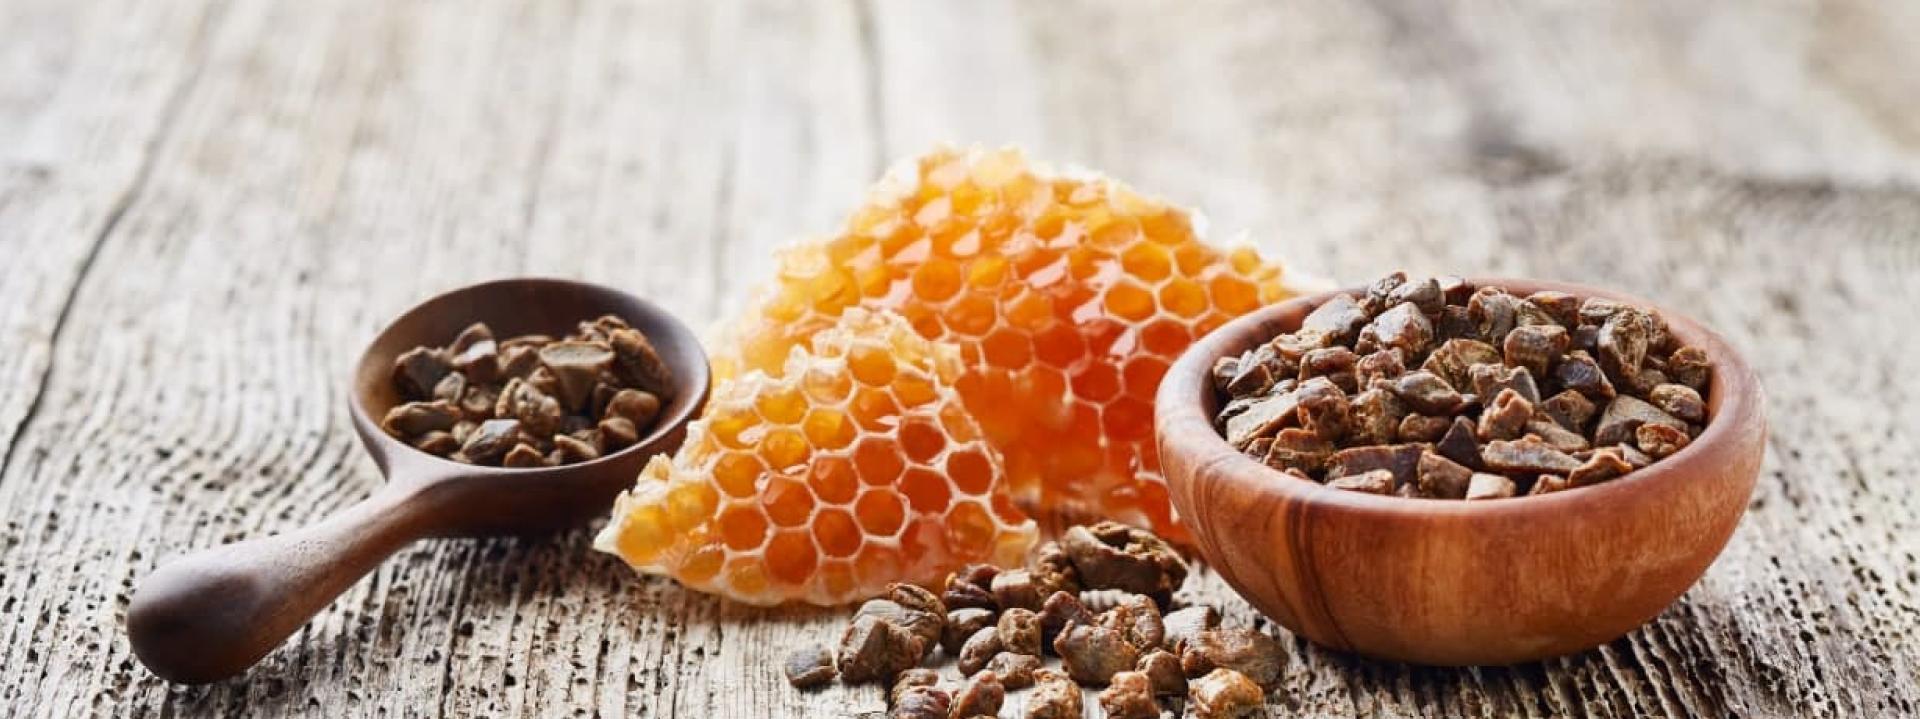 Рецепты природных лекарств: прополис, мёд, забрус, маточное молочко